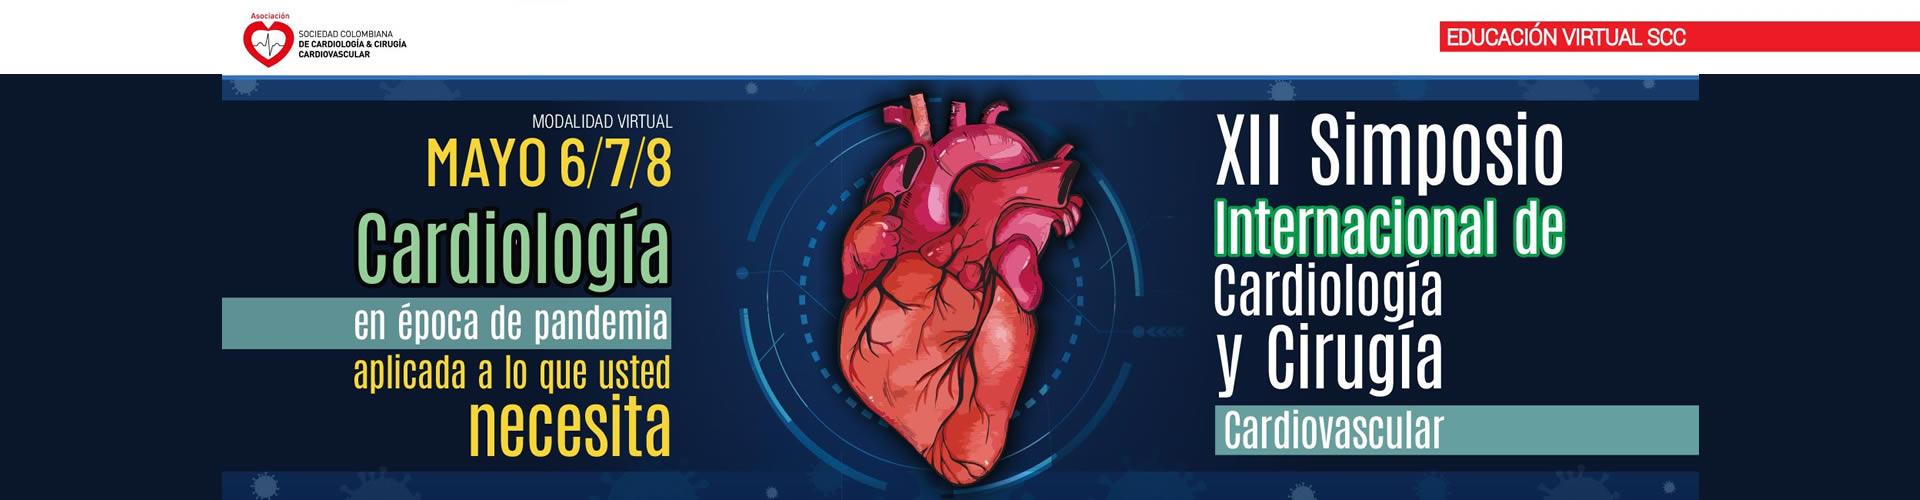 XII Simposio Internacional de la Sociedad Colombiana de Cardiología y Cirugía Cardiovascular - SCC.21